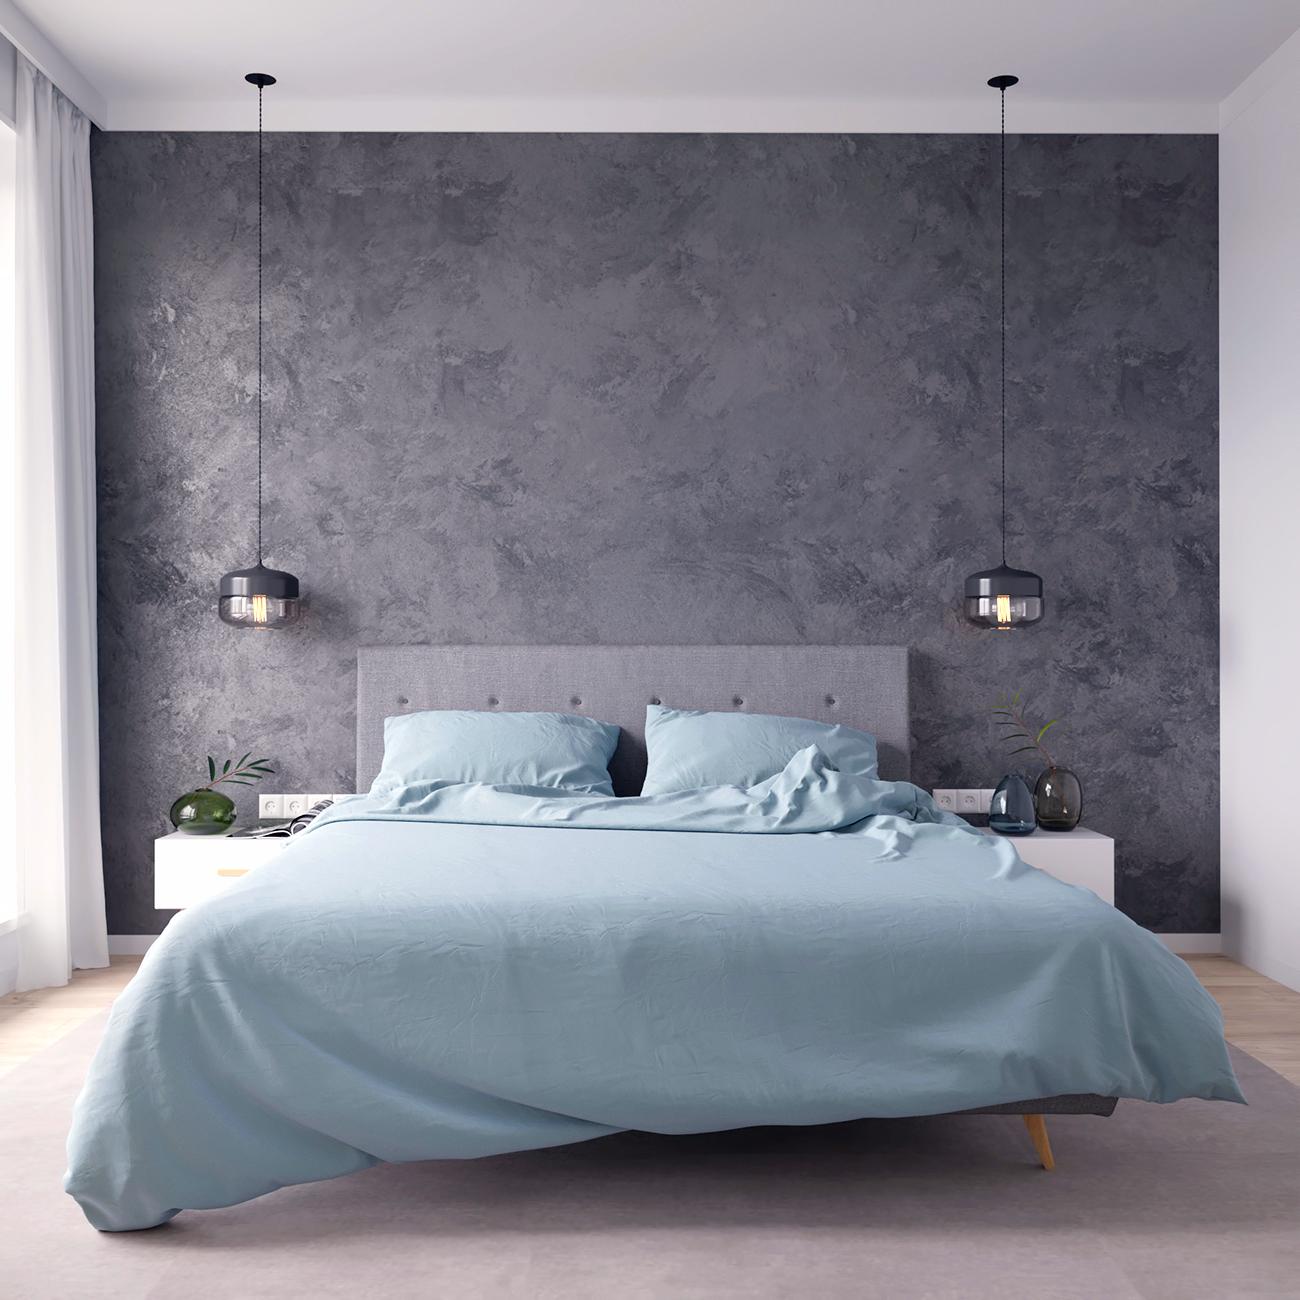 Комплект постельного белья евро с простыней на резинке 160х200 небесно-голубой